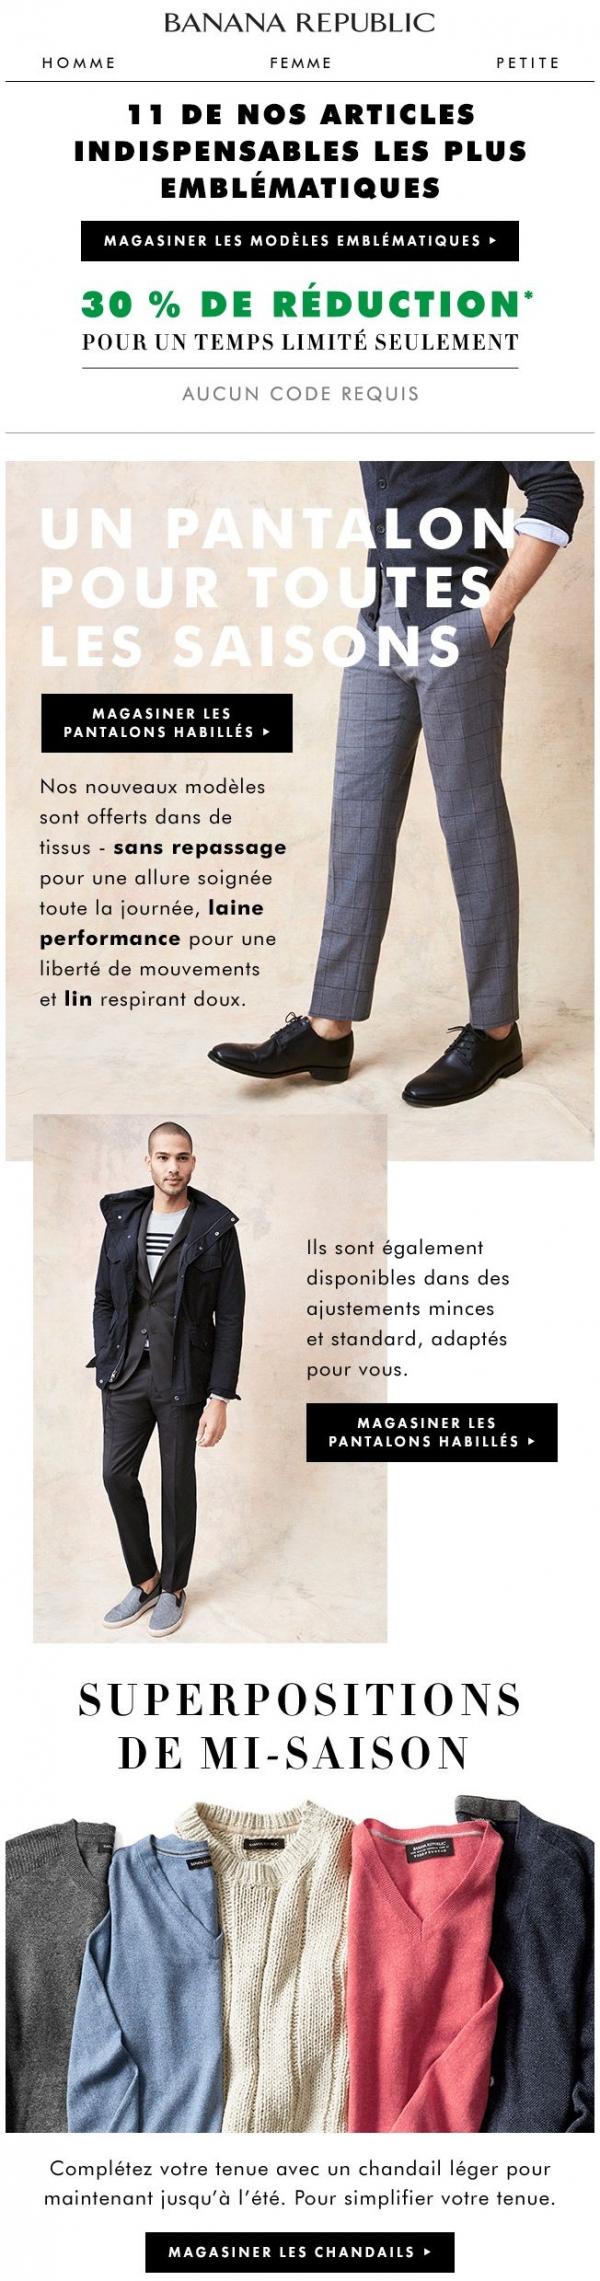 Coupes Incroyables Et Tissus Supérieurs Magasinez Nos Pantalons Promotions Rabais